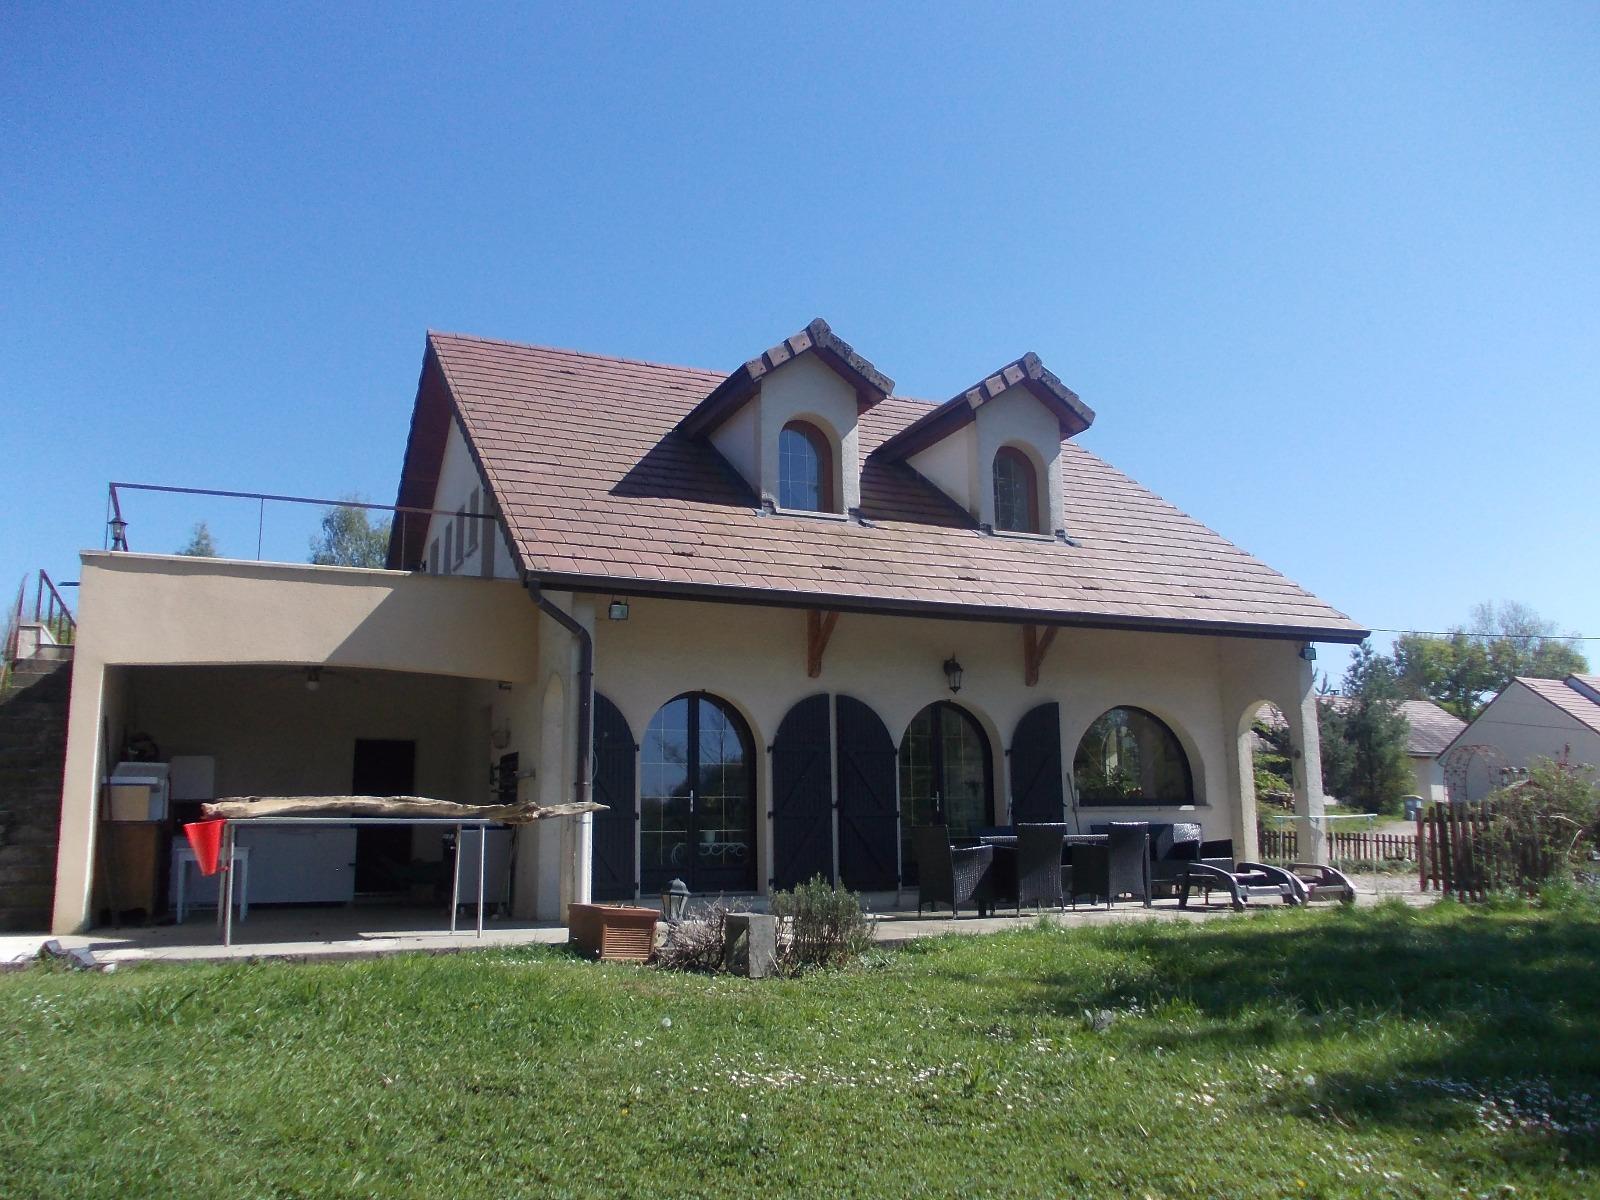 Chaussin maison a vendre de 8 pieces sur 7800 m 3d immobilier - Frais de notaire achat garage ...